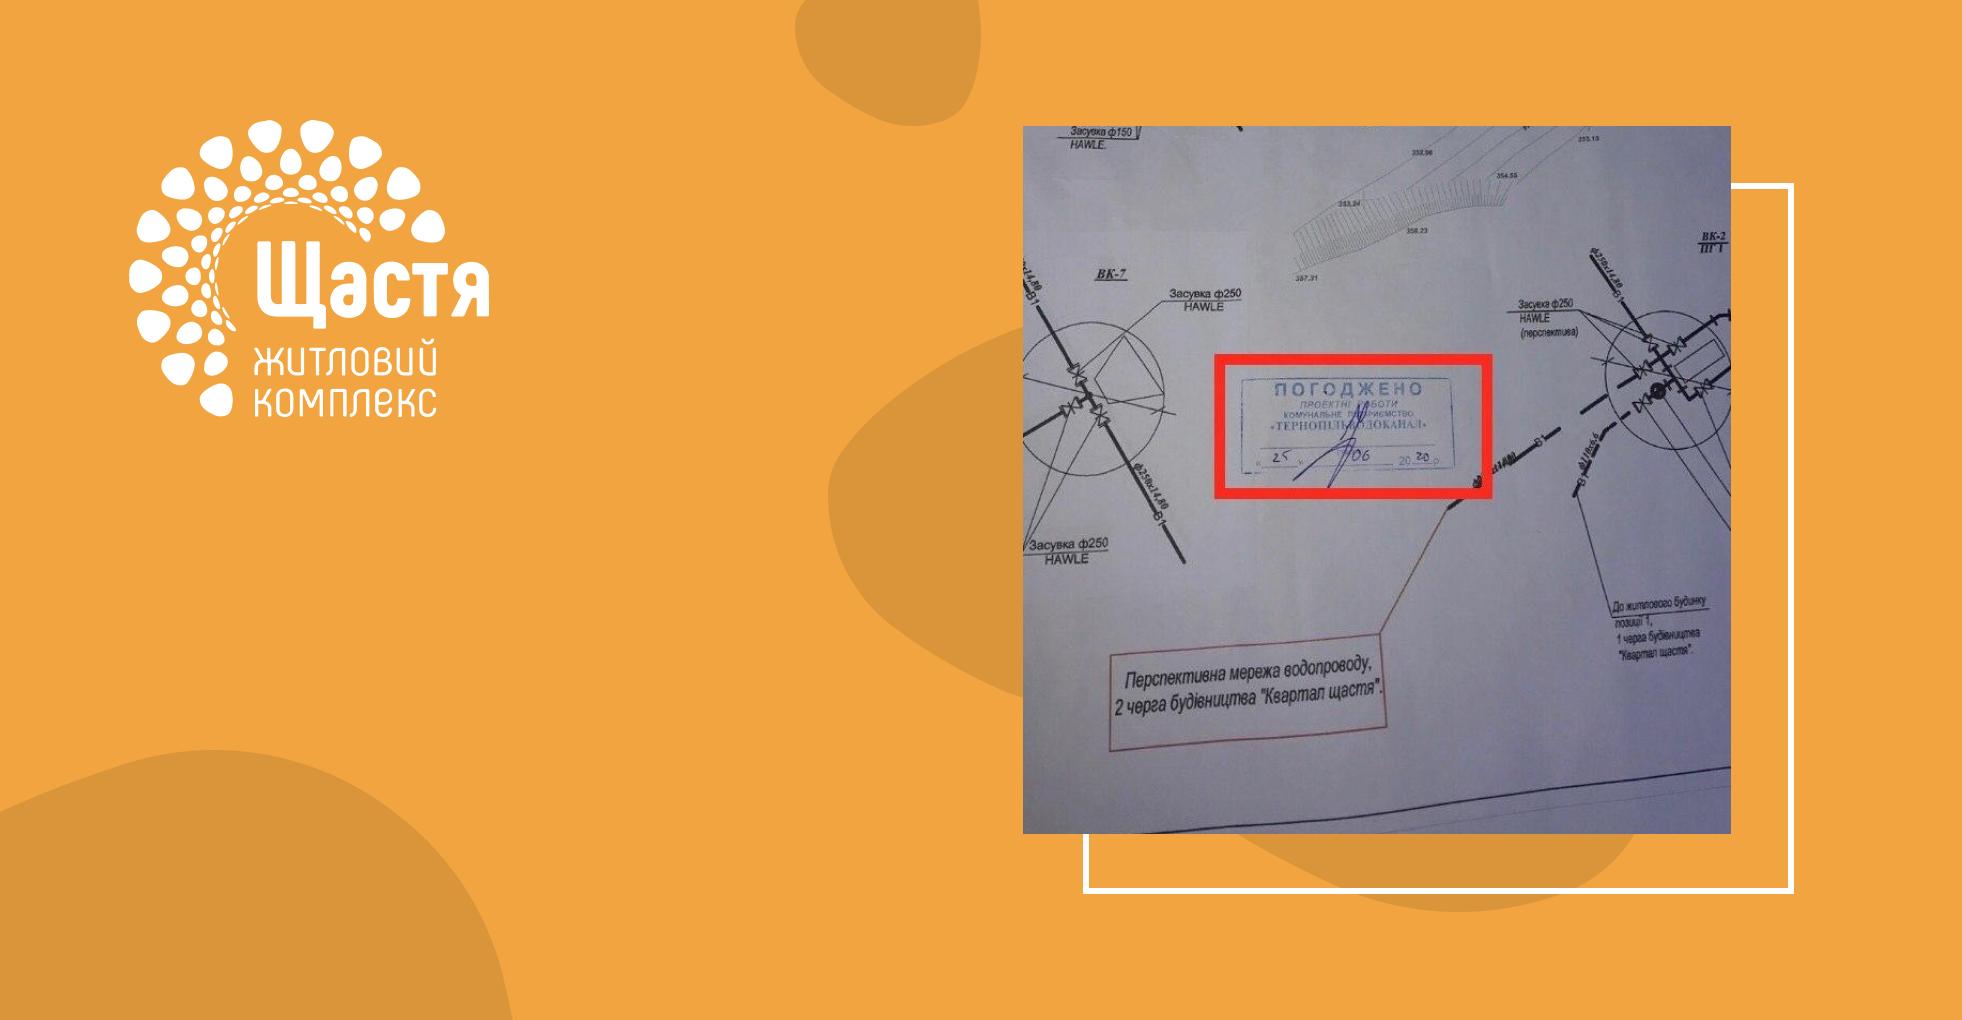 Закінчилась місячна епопея погодження Тернопільводоканал прокладання зовнішніх інженерних мереж до ЖК Щастя!!!